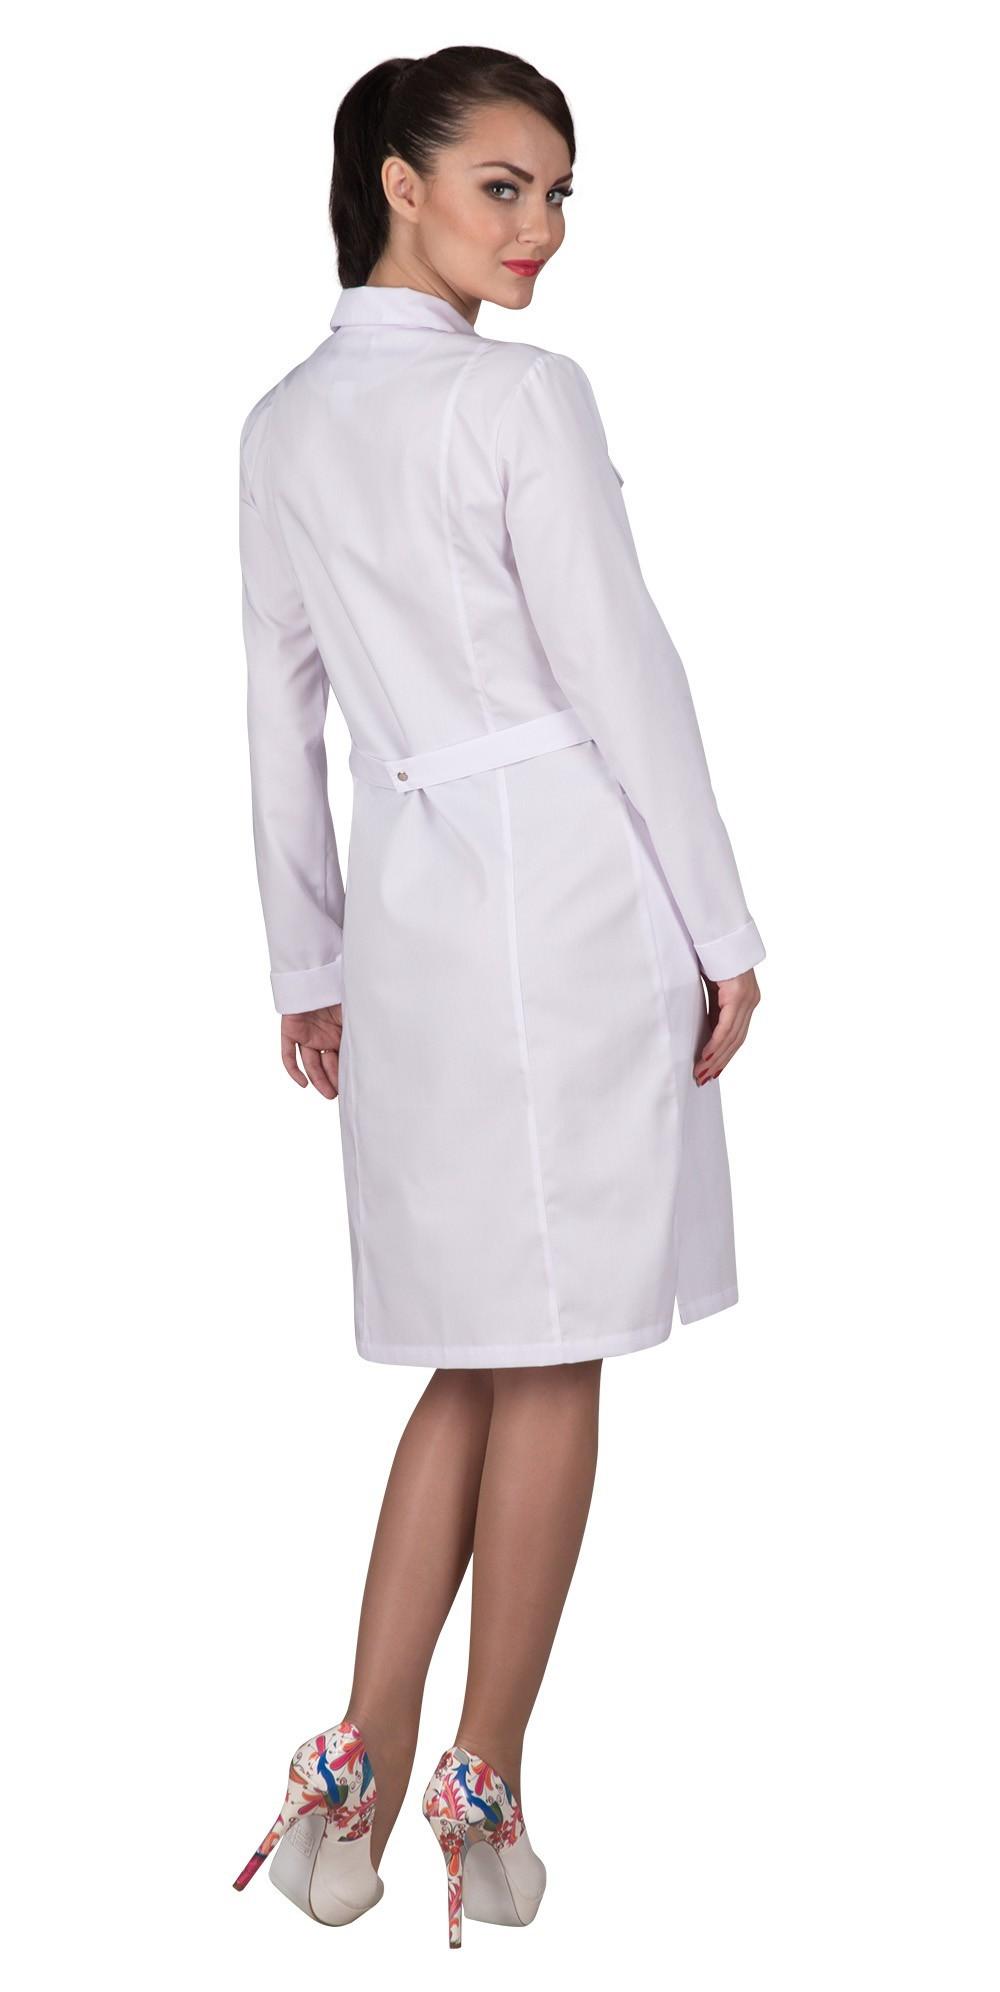 Белый медицинский халат для студентов